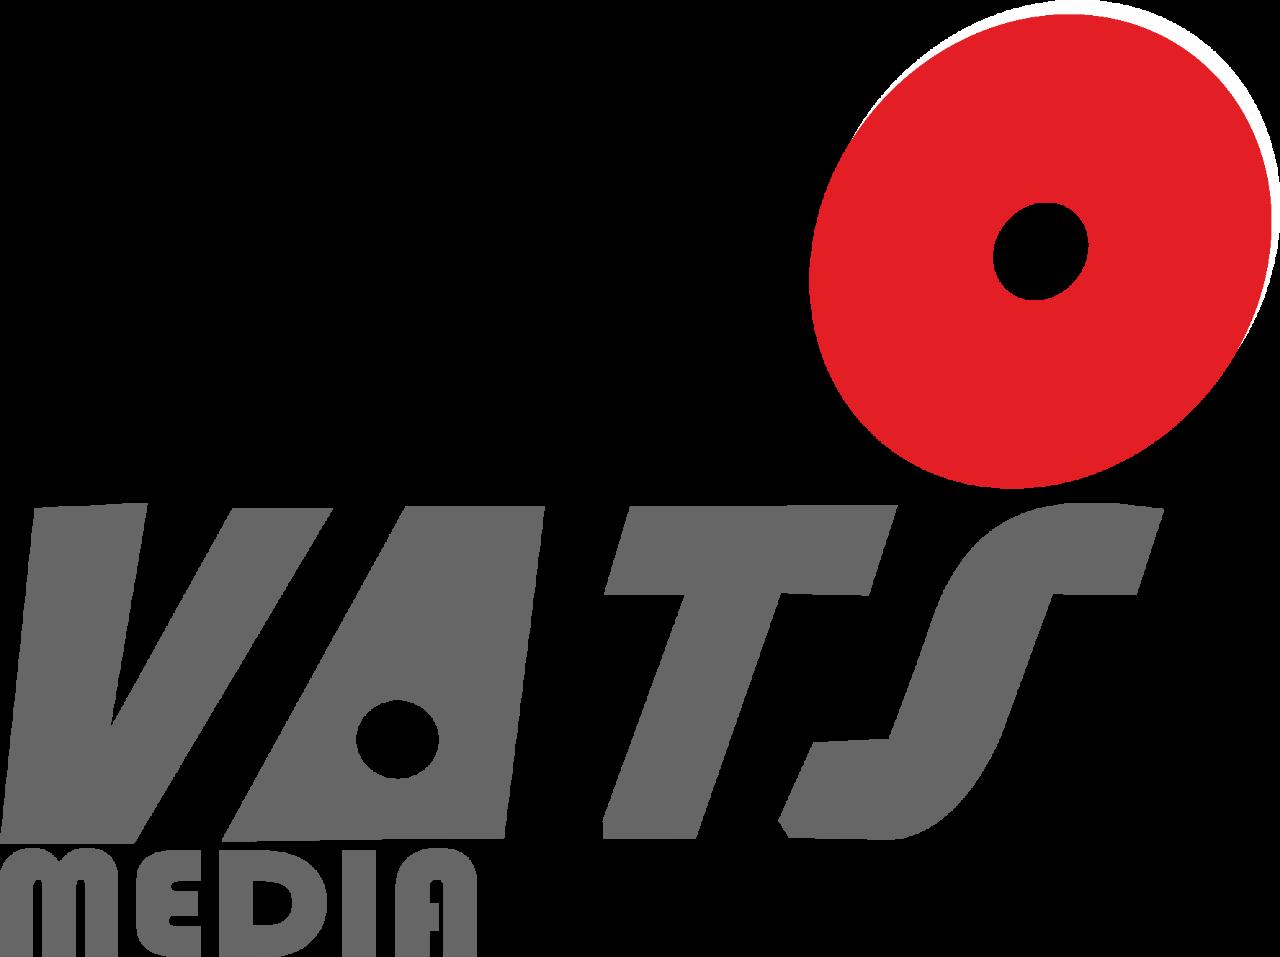 Vats Media